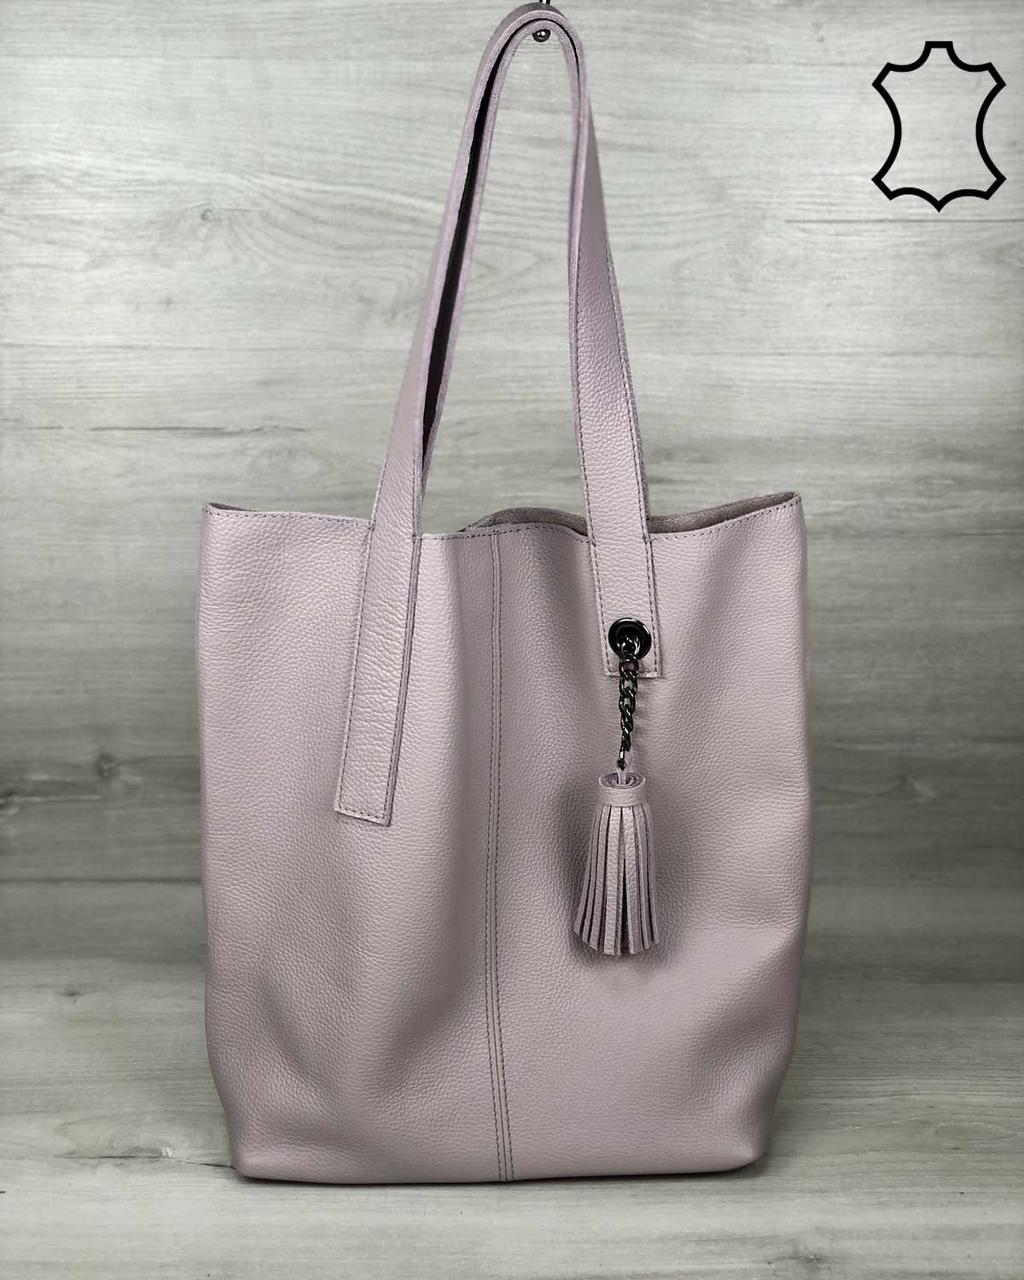 Кожаная женская сумка-шоппер WeLassie Jolie фиалкового цвета (K2019)